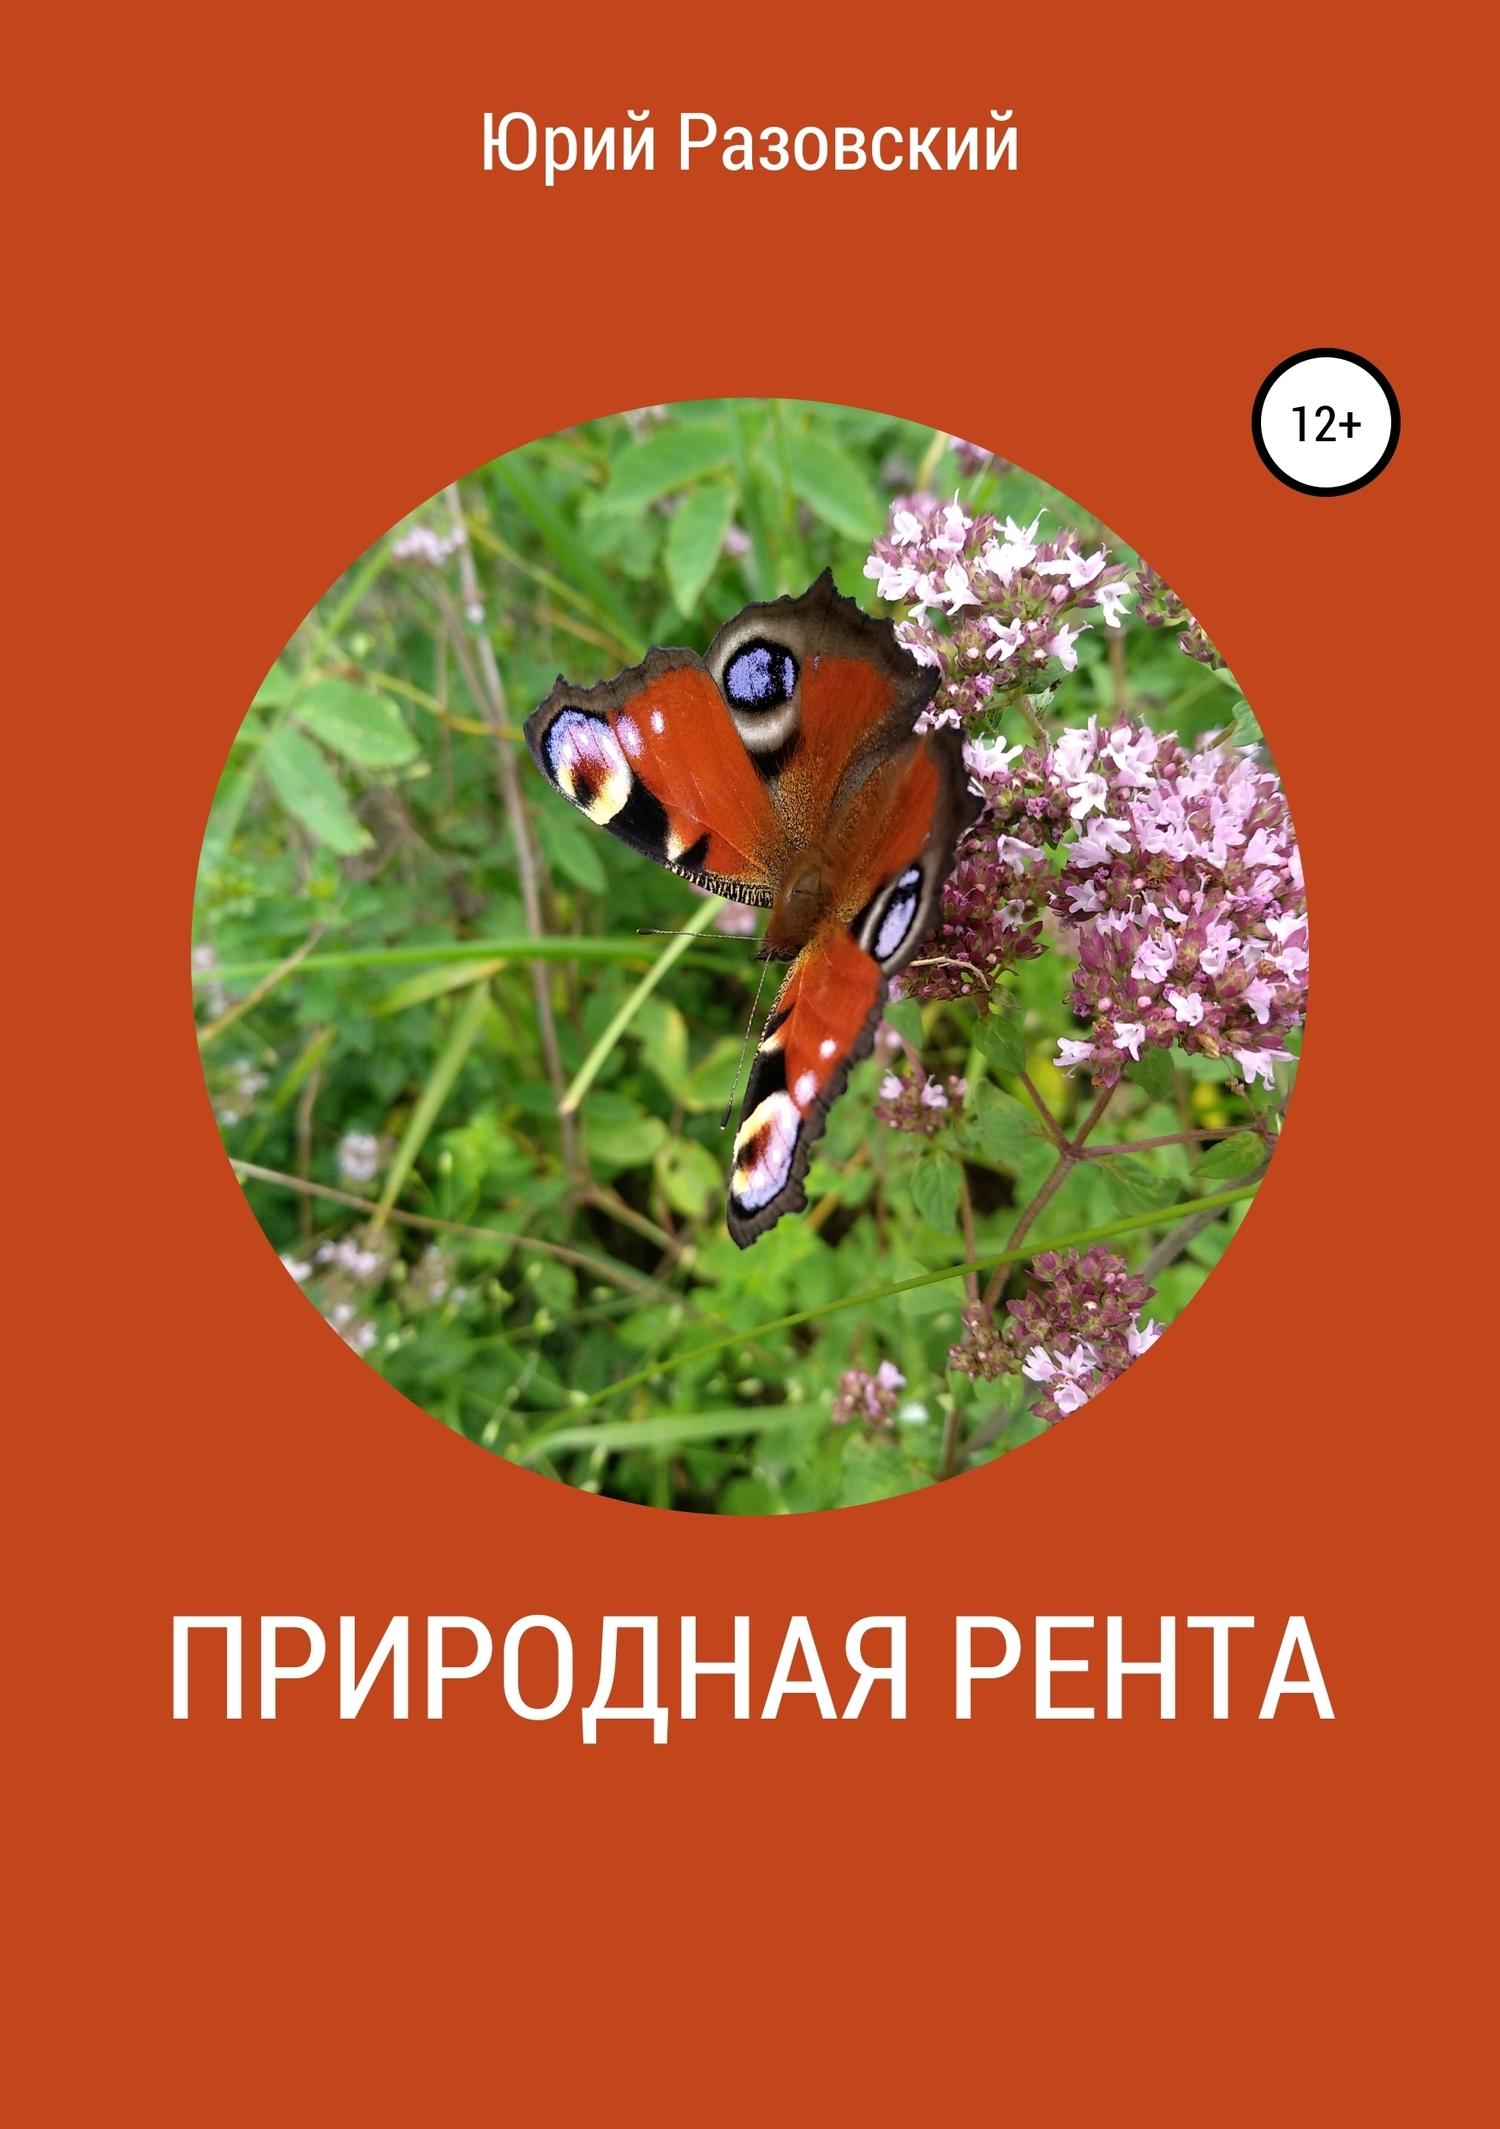 Юрий Разовский - Природная рента: управление сверхприбылью